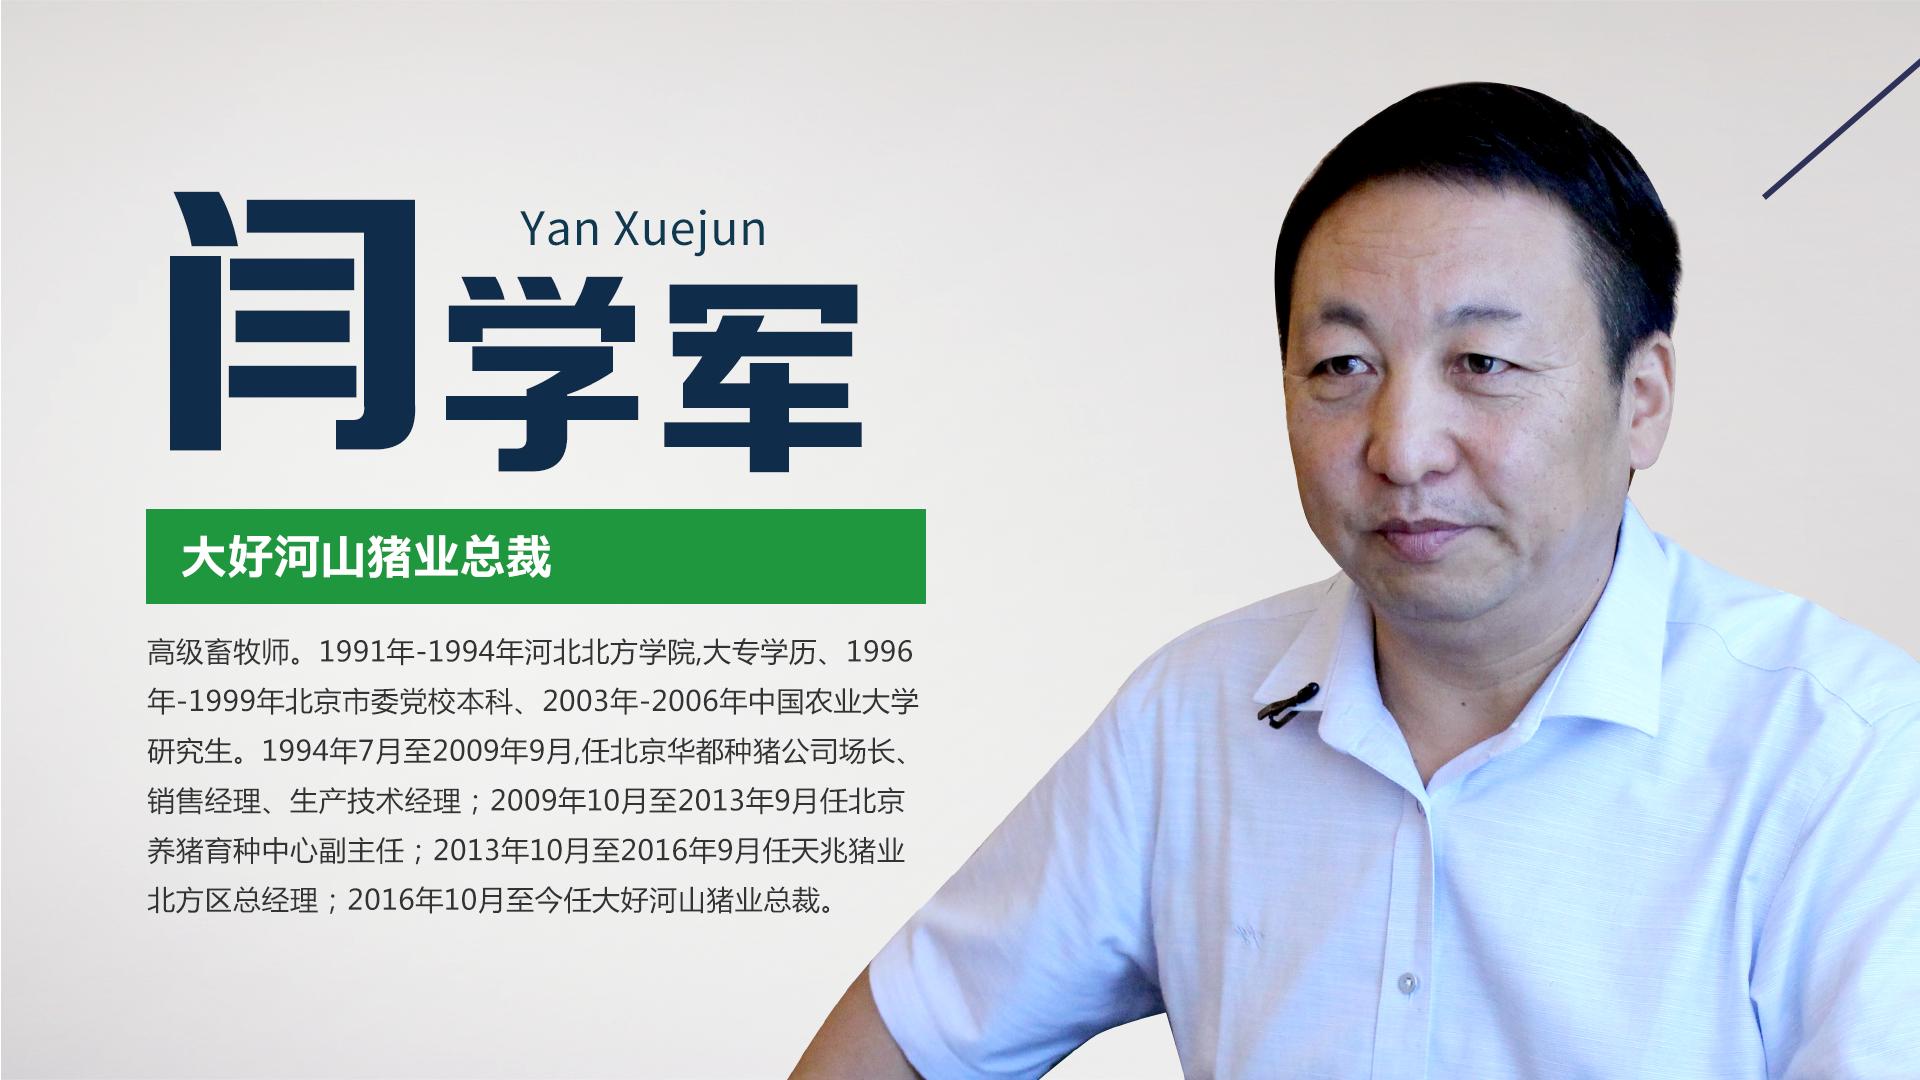 企业家访谈 | 大好河山猪业总裁闫学军:种猪企业要充分发挥长板优势